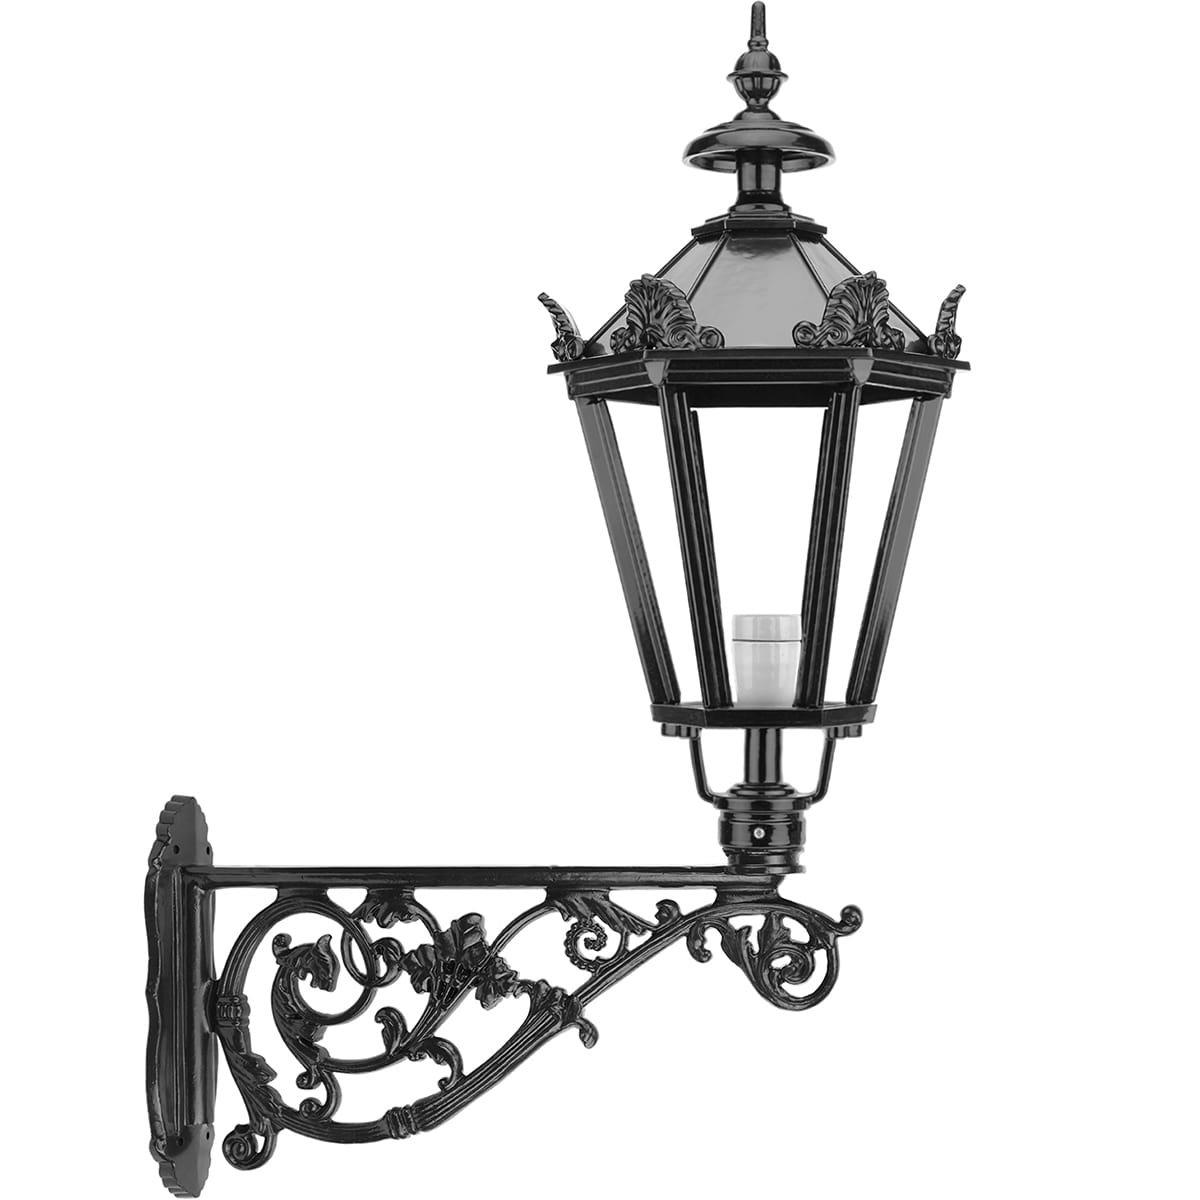 Außenbeleuchtung Klassisch Ländlich Krone Lampe fassade Cottessen - 140 cm